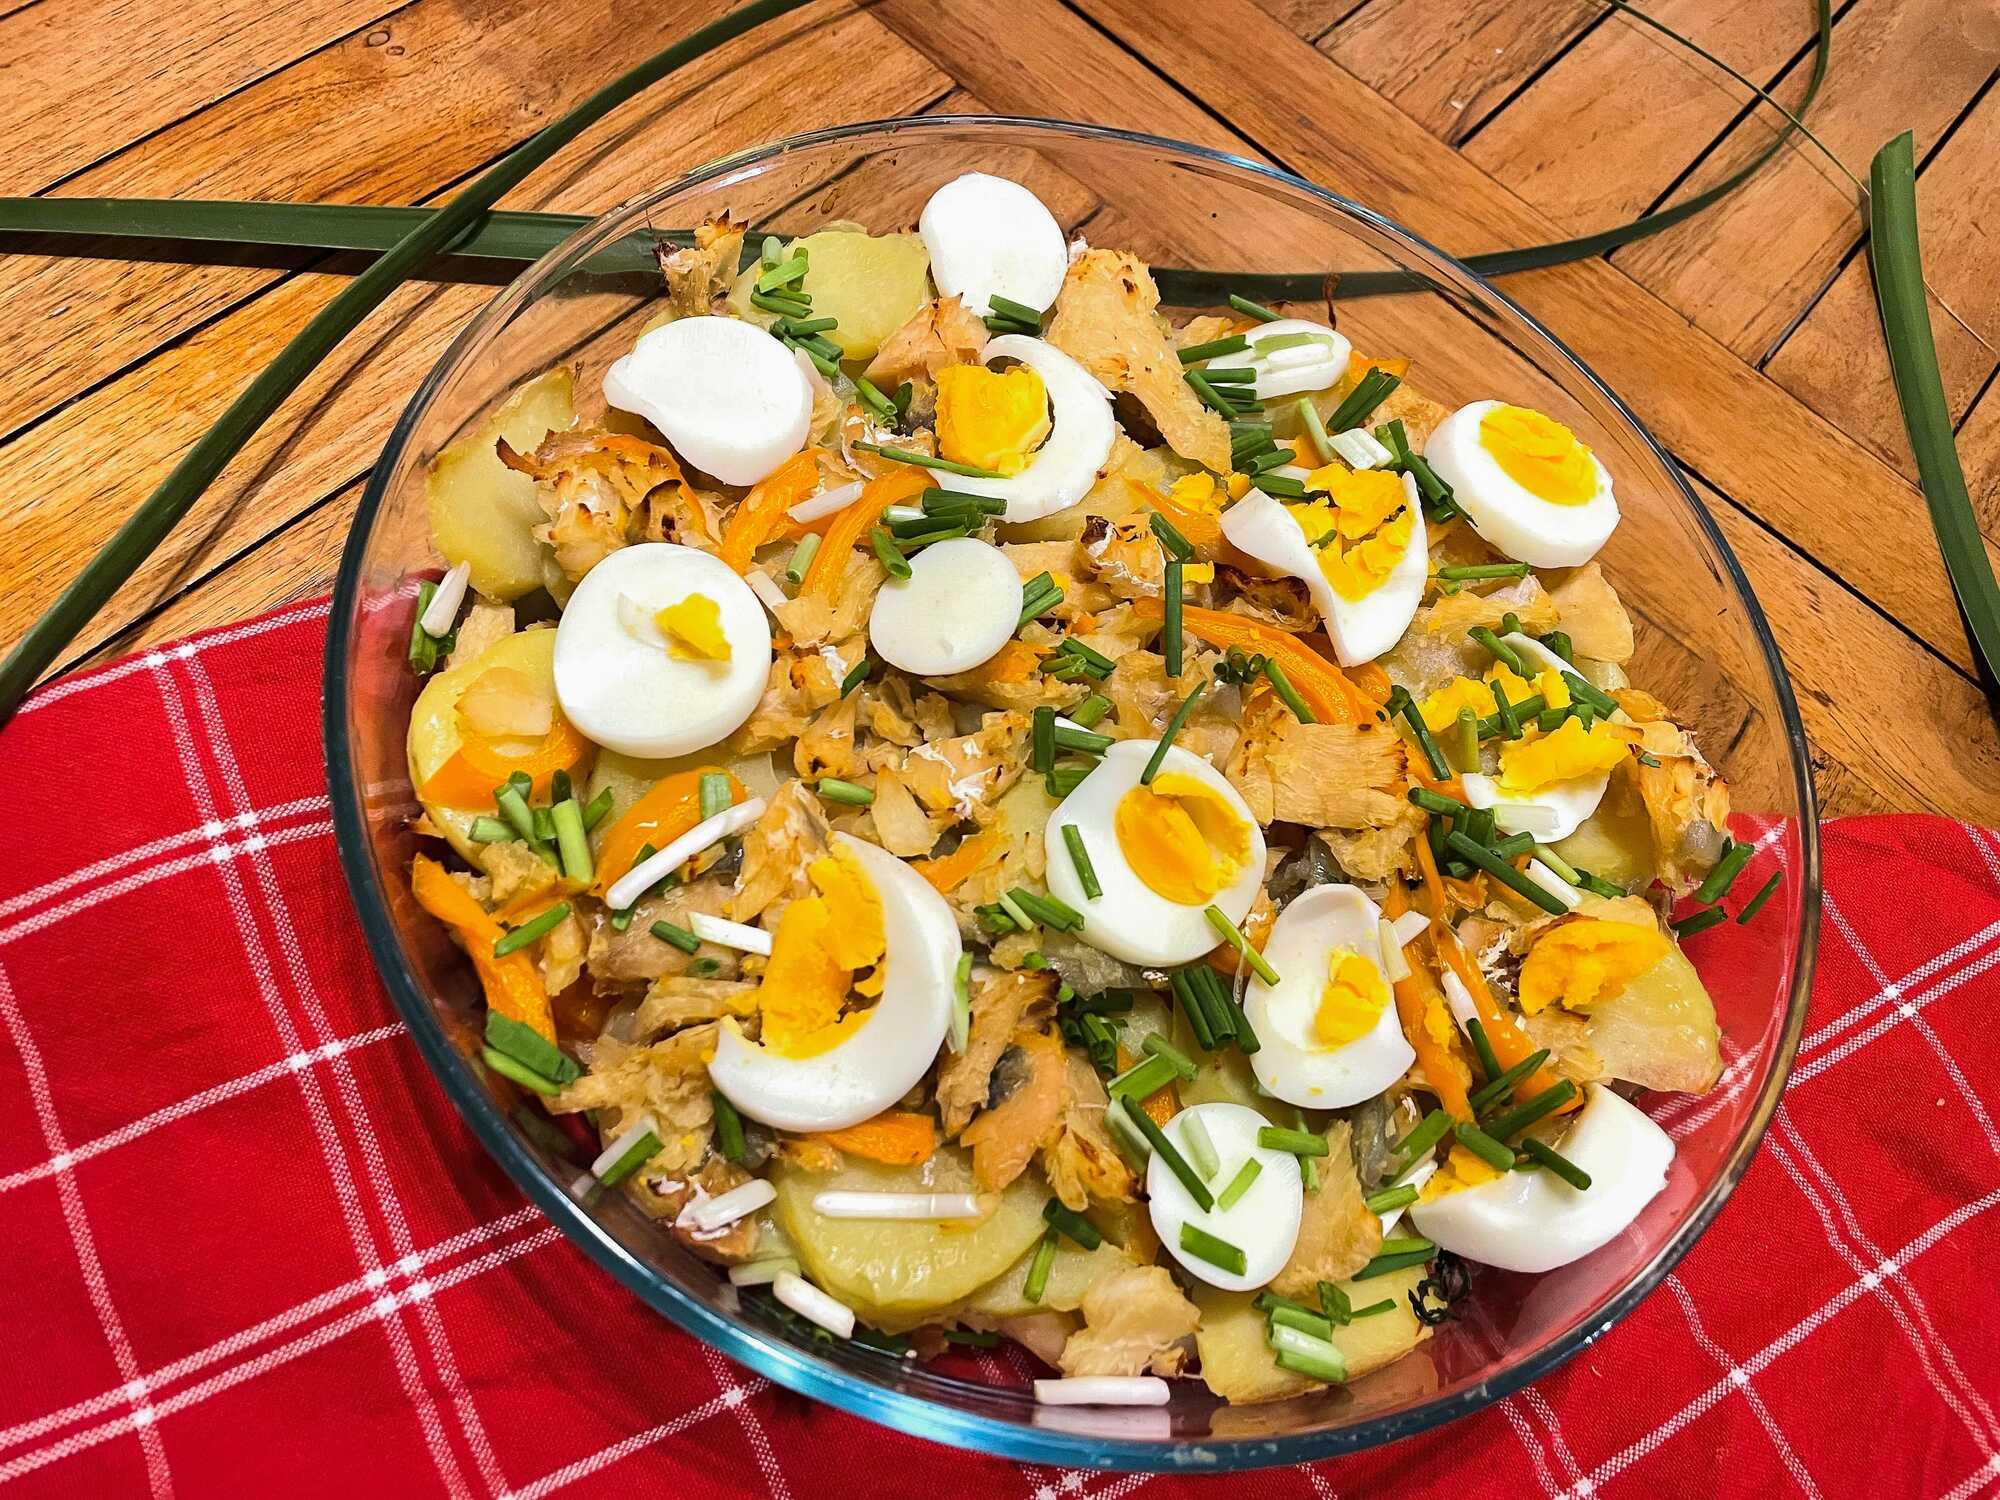 La morue, les oeufs et les pommes de terre parsemés de ciboulette sont présentés dans un grand saladier transparent.